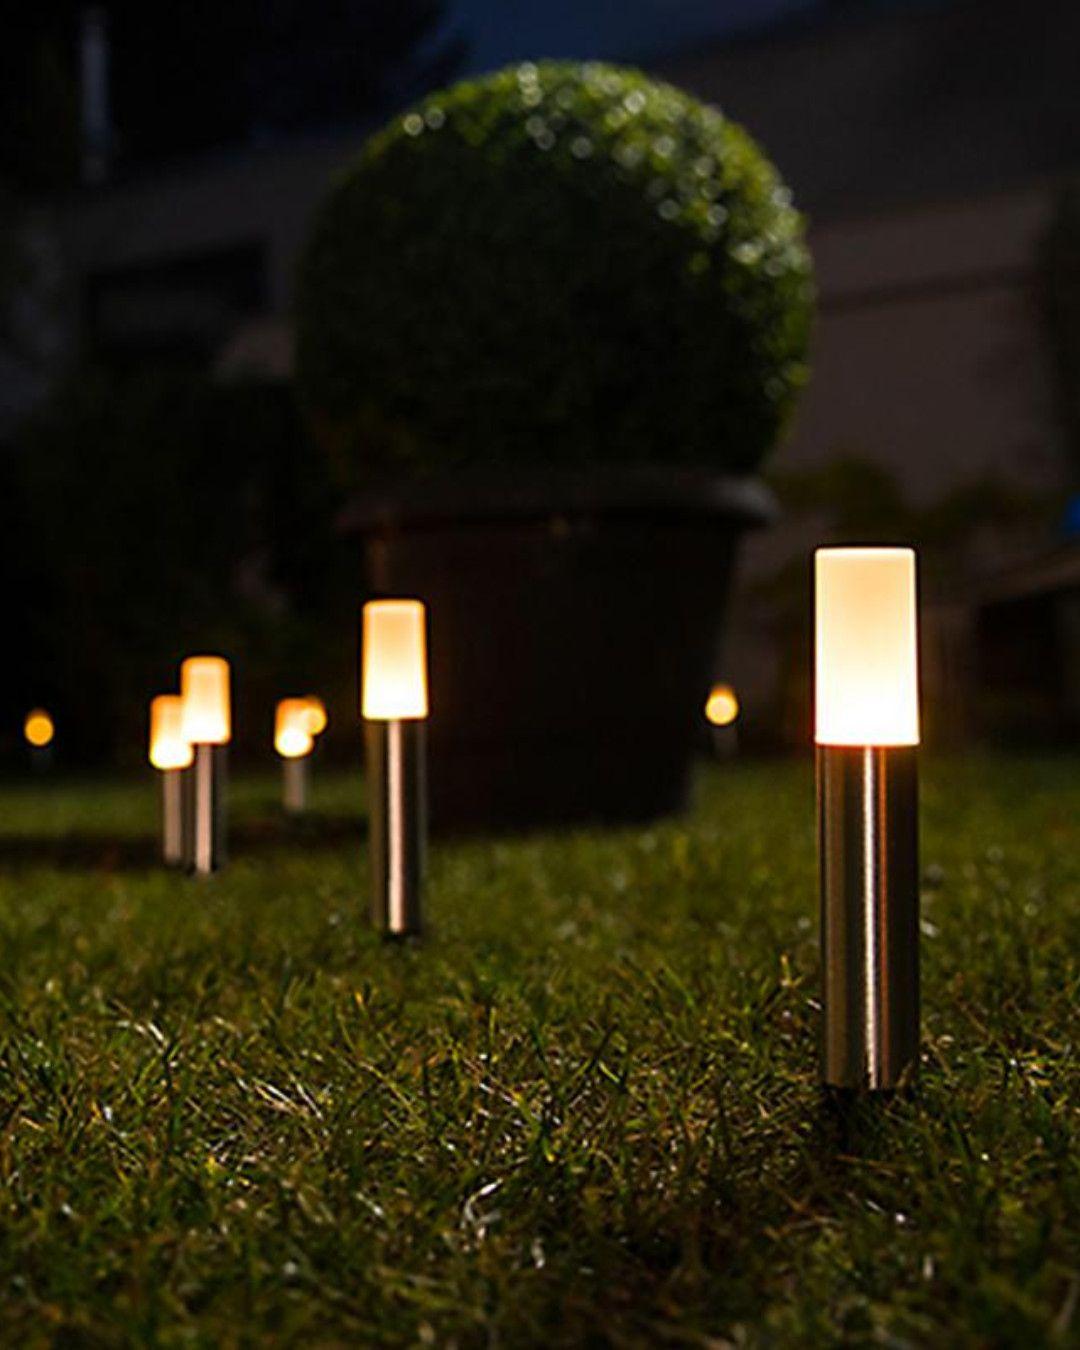 Osram Smart Gardenpole Led So Smart War Die Beleuchtung Fur Ihr Zuhause Noch Nie Das Neue Smart Pollerleuchte Bietet I Sockelleuchte Led Beleuchtung Garten